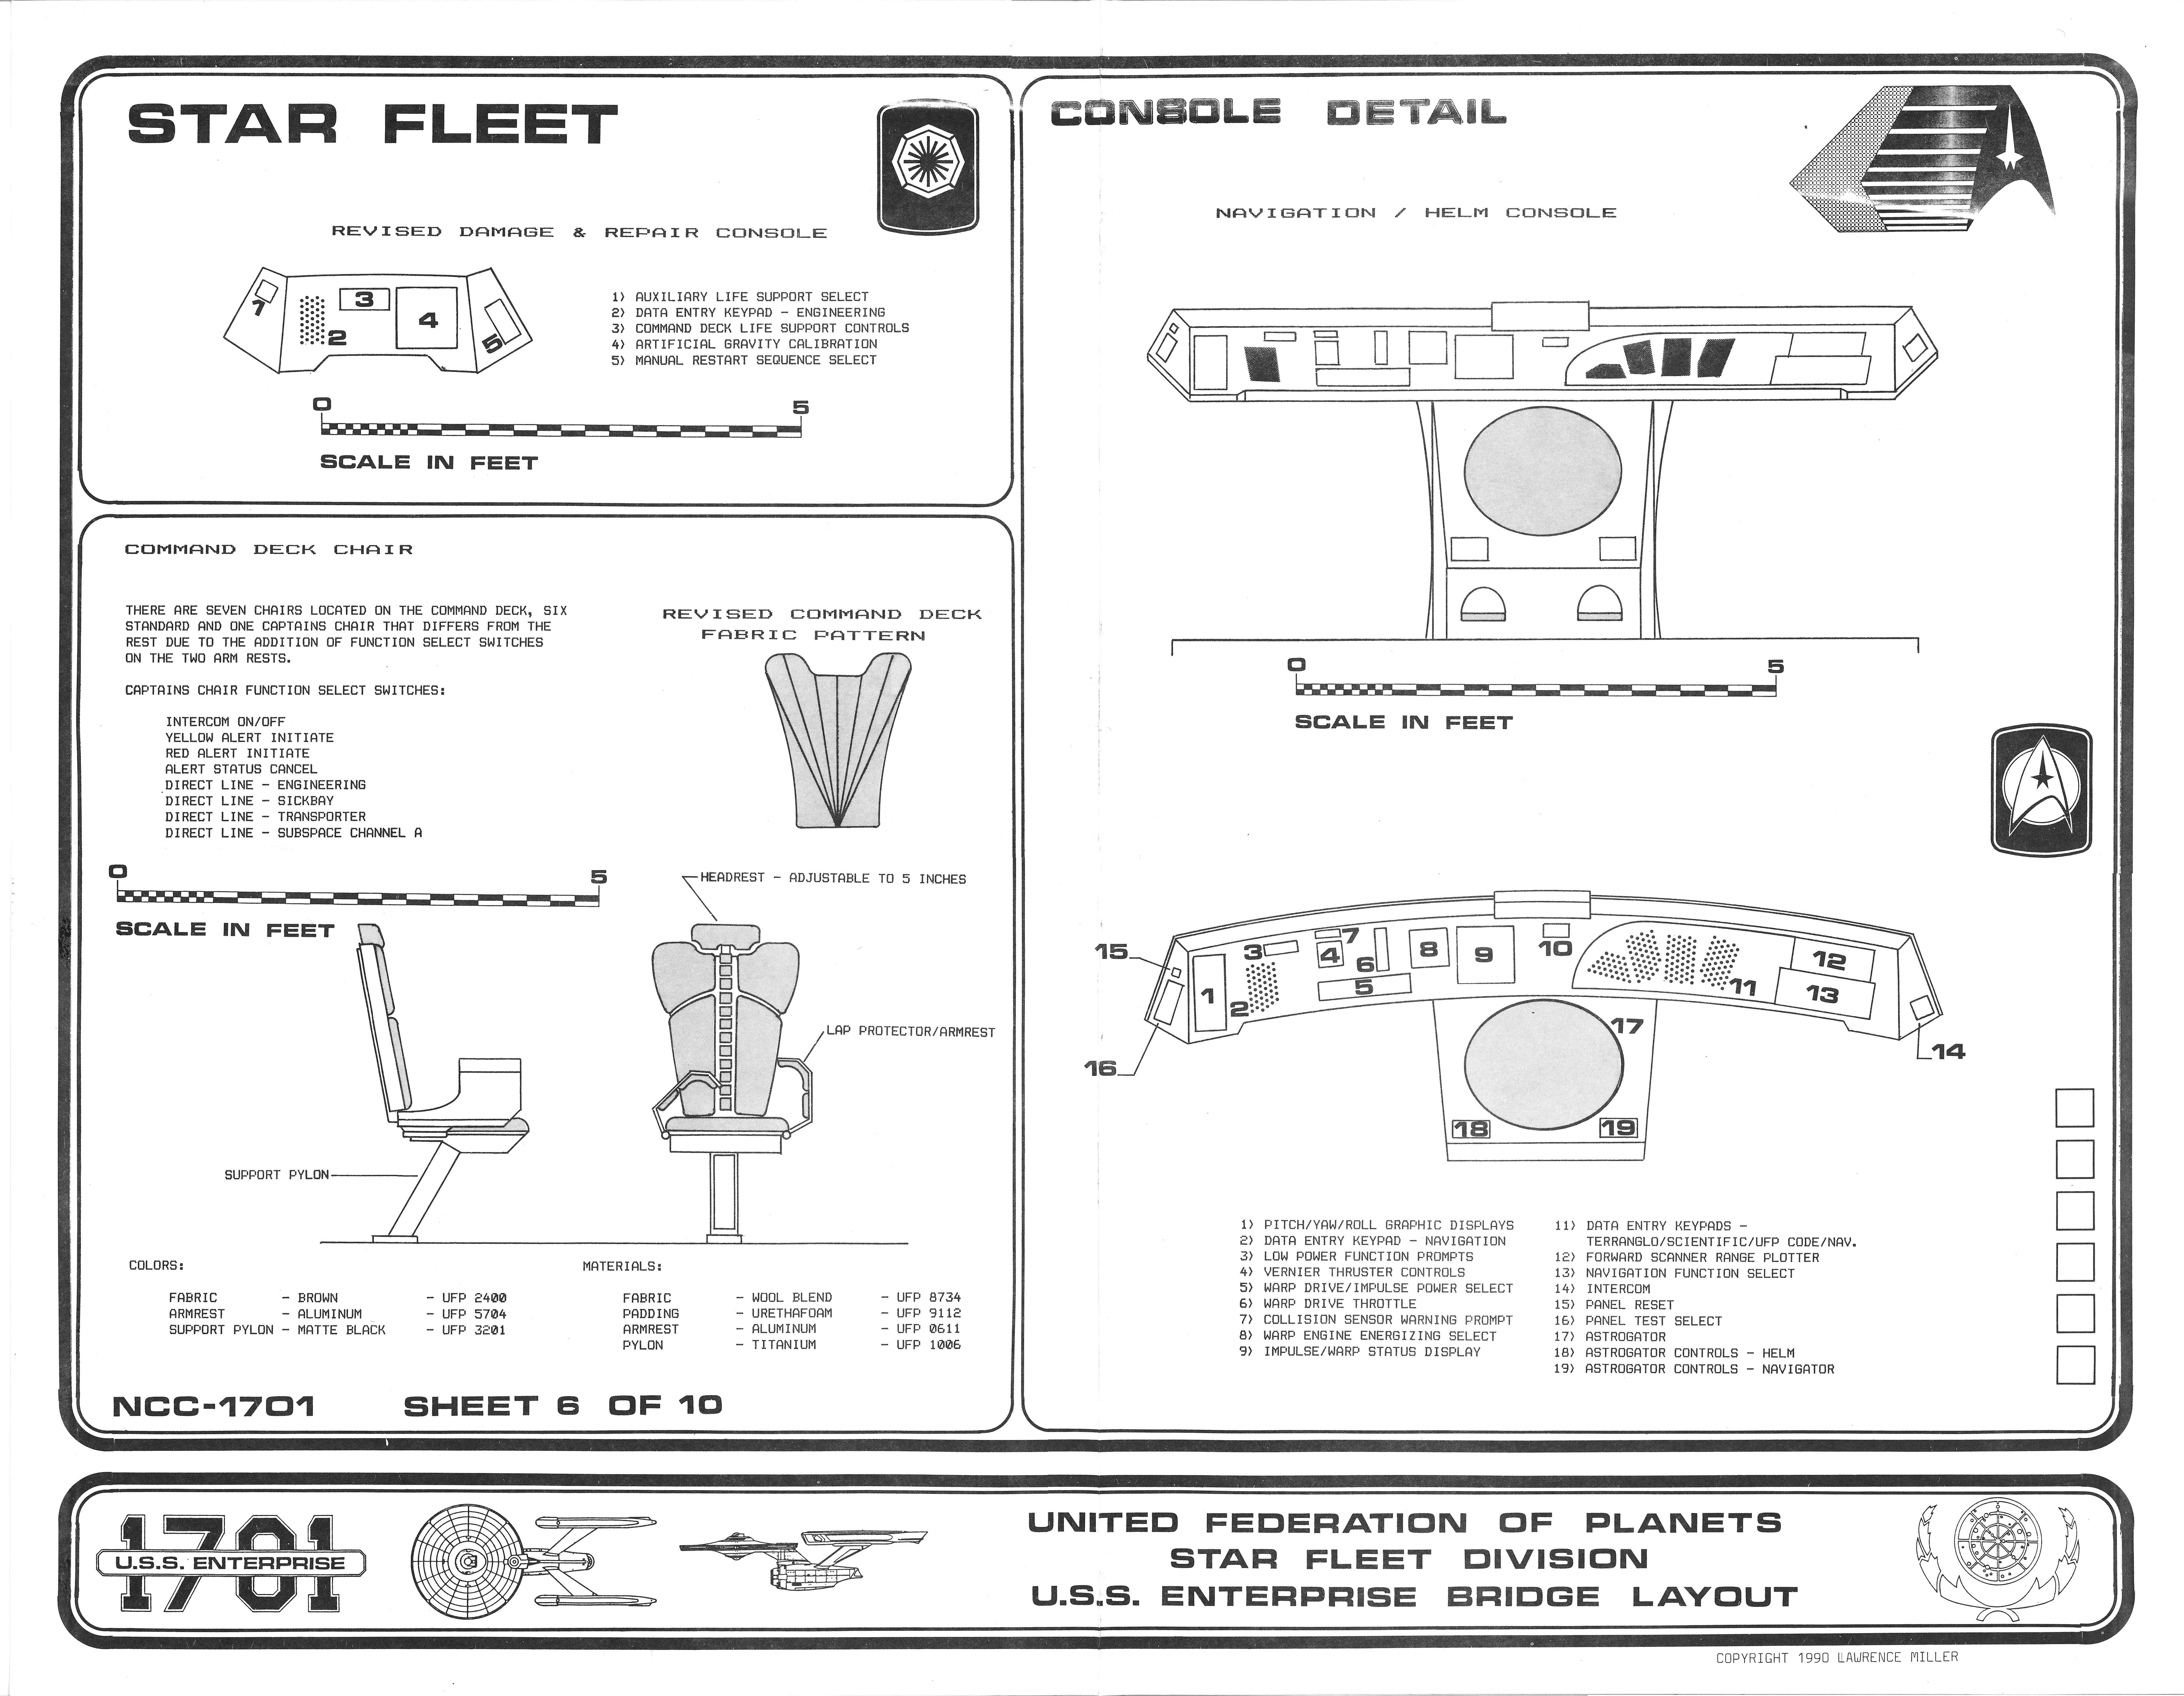 U.S.S. Enterprise 1701 Bridge Blueprints